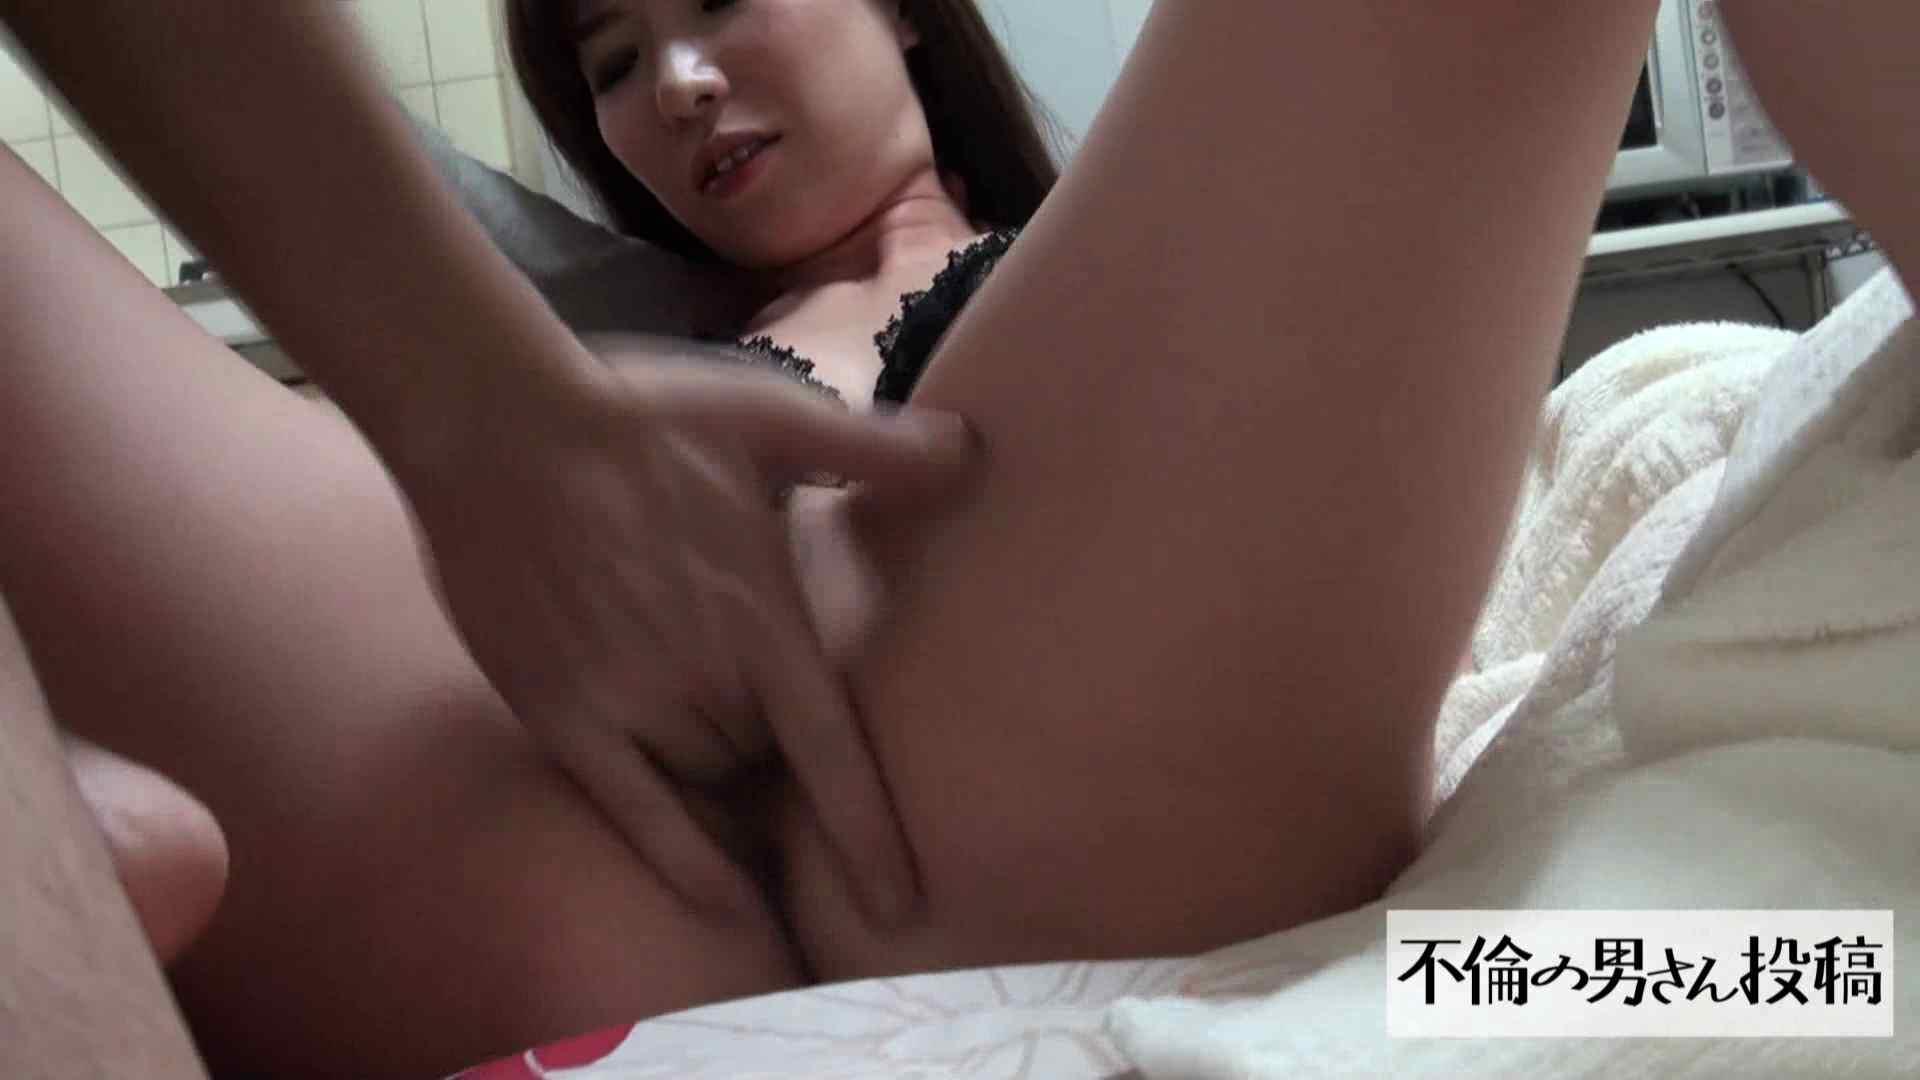 会計事務所勤務 高橋みゆき30歳 W不倫の不倫部屋の記録 投稿映像 ヌード画像 66pic 44